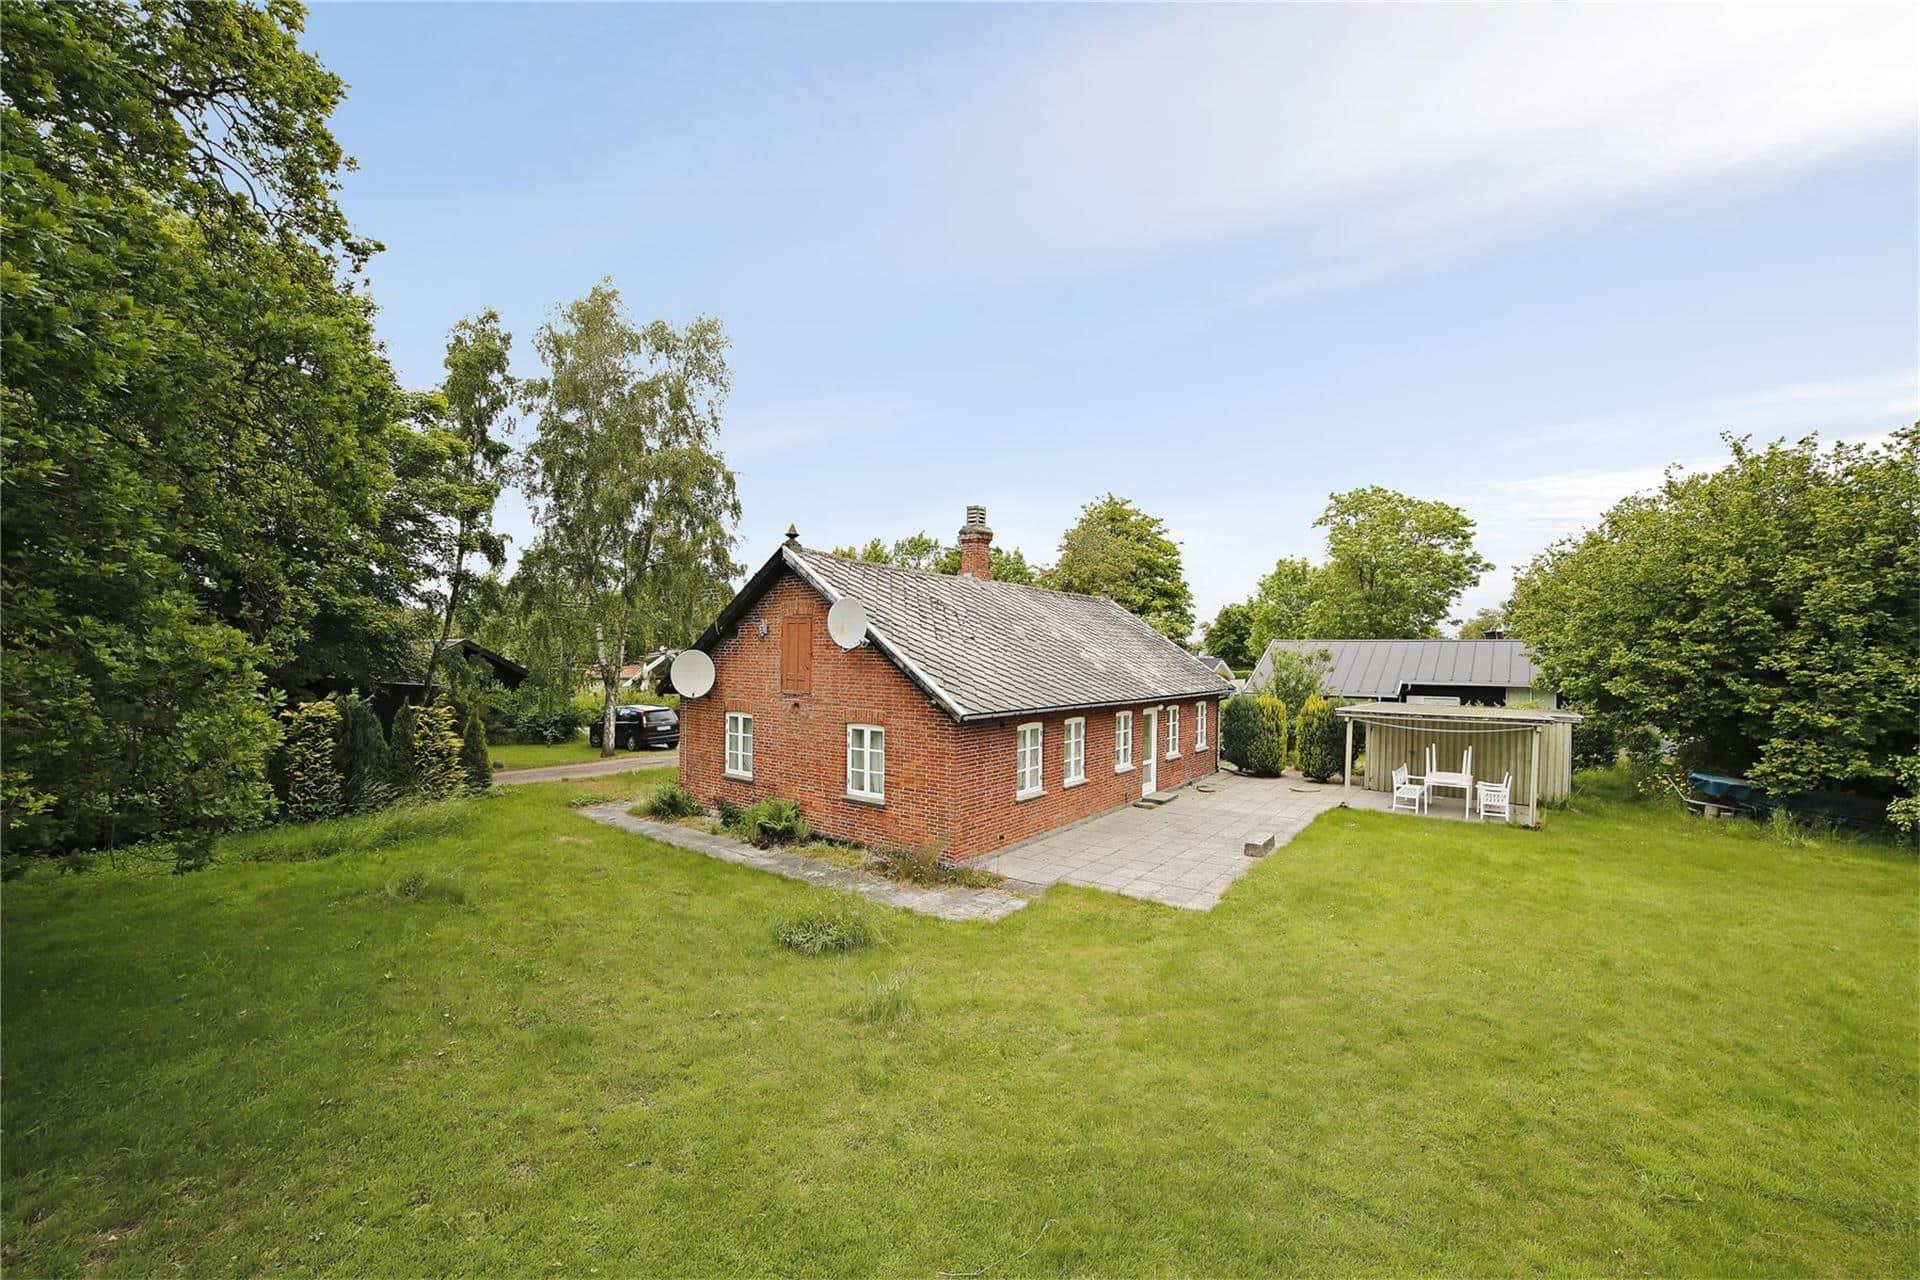 Bild 1-19 Ferienhaus 30504, Kystagervej 8, DK - 8300 Odder